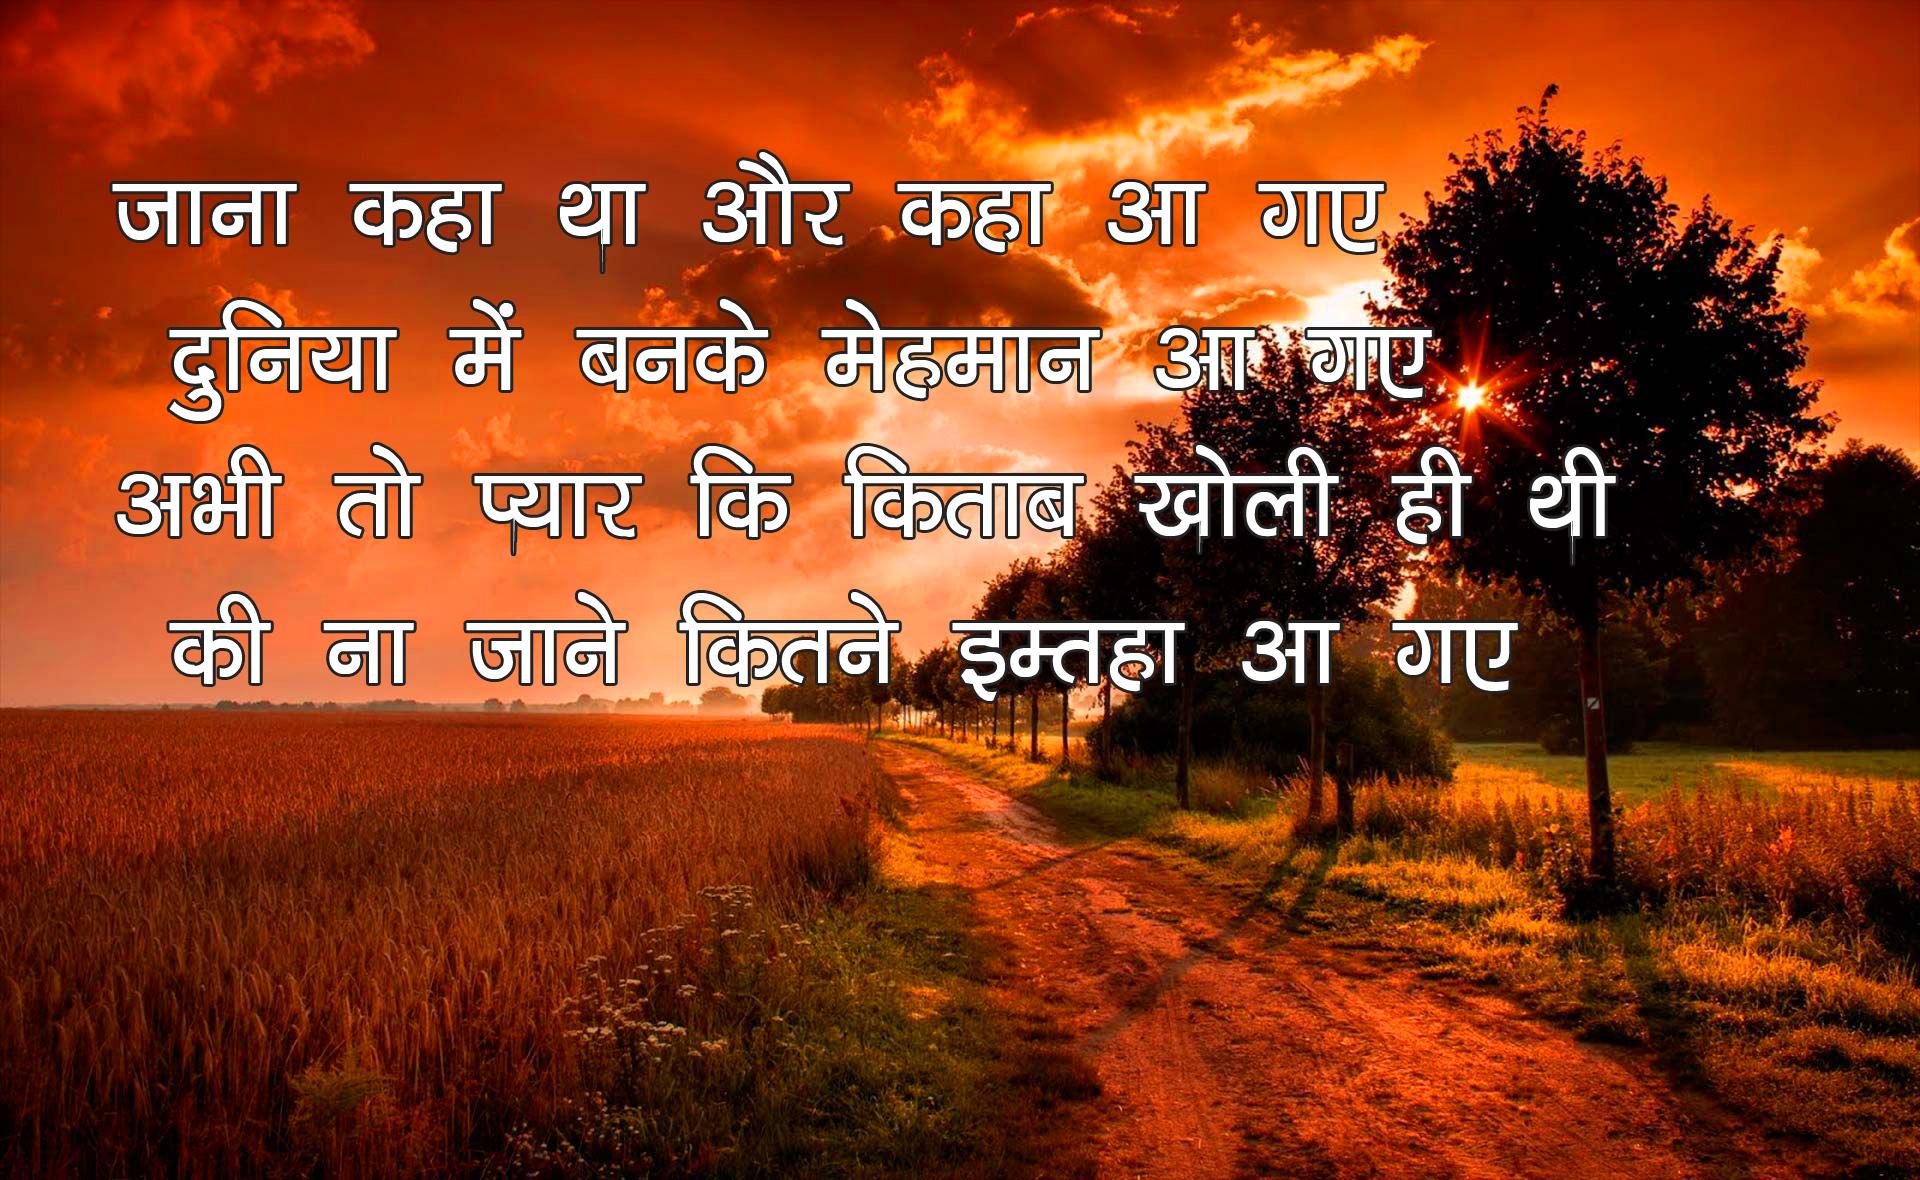 Hindi love Shayari Images Free Download 3